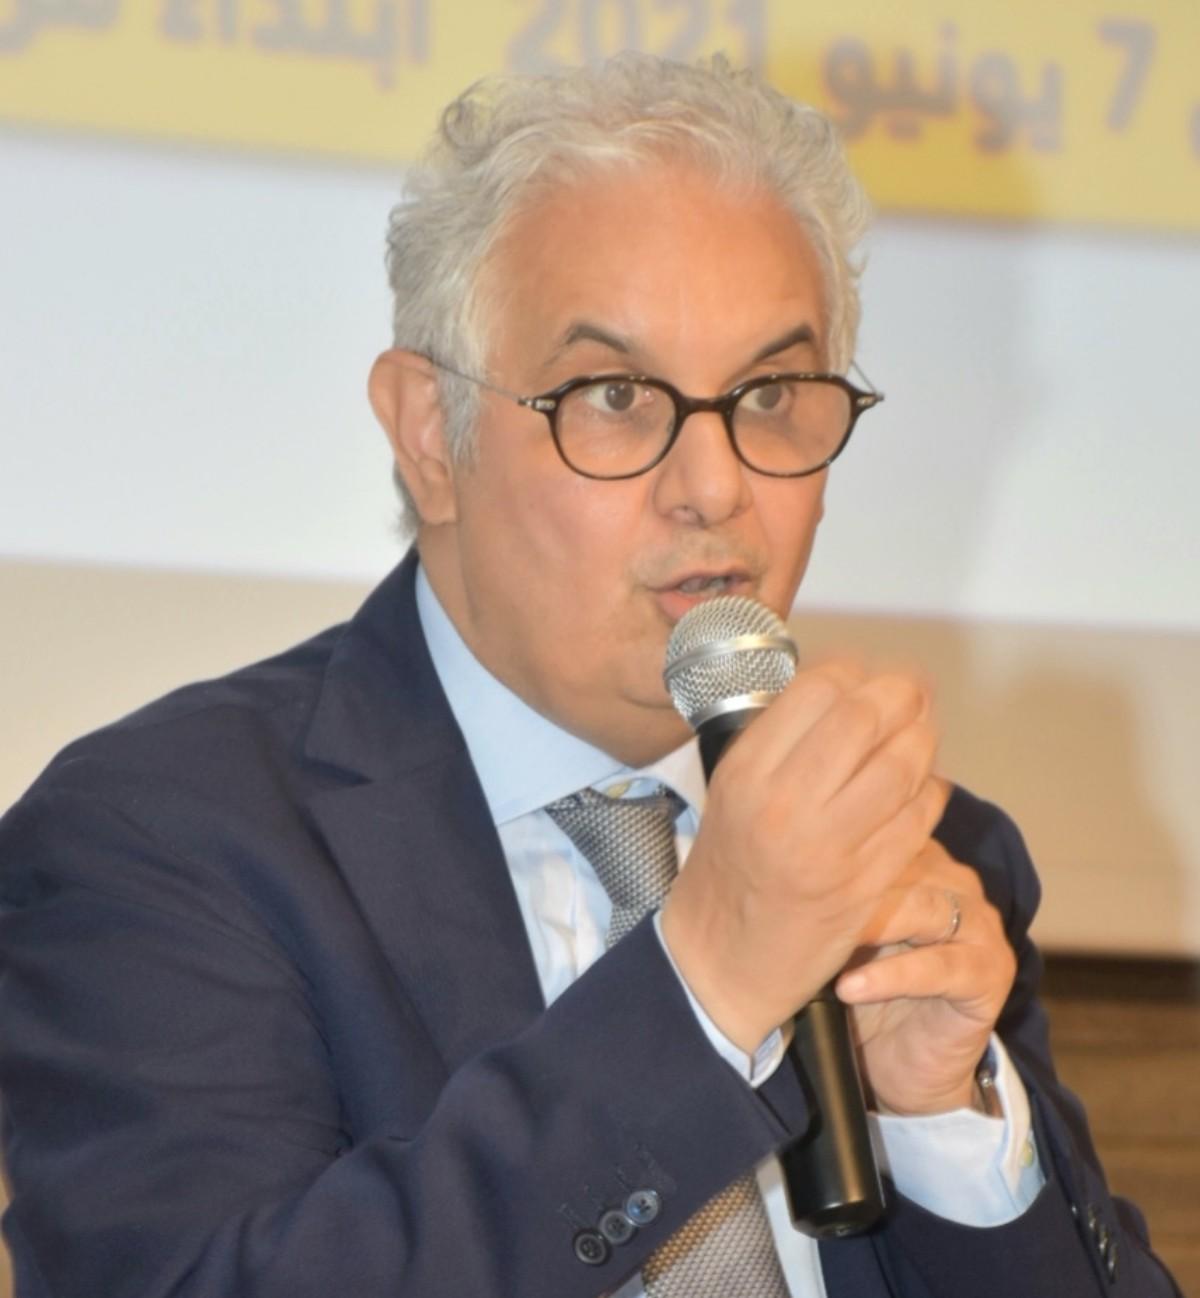 الأستاذ نزار بركة الأمين العام لحزب الاستقلال